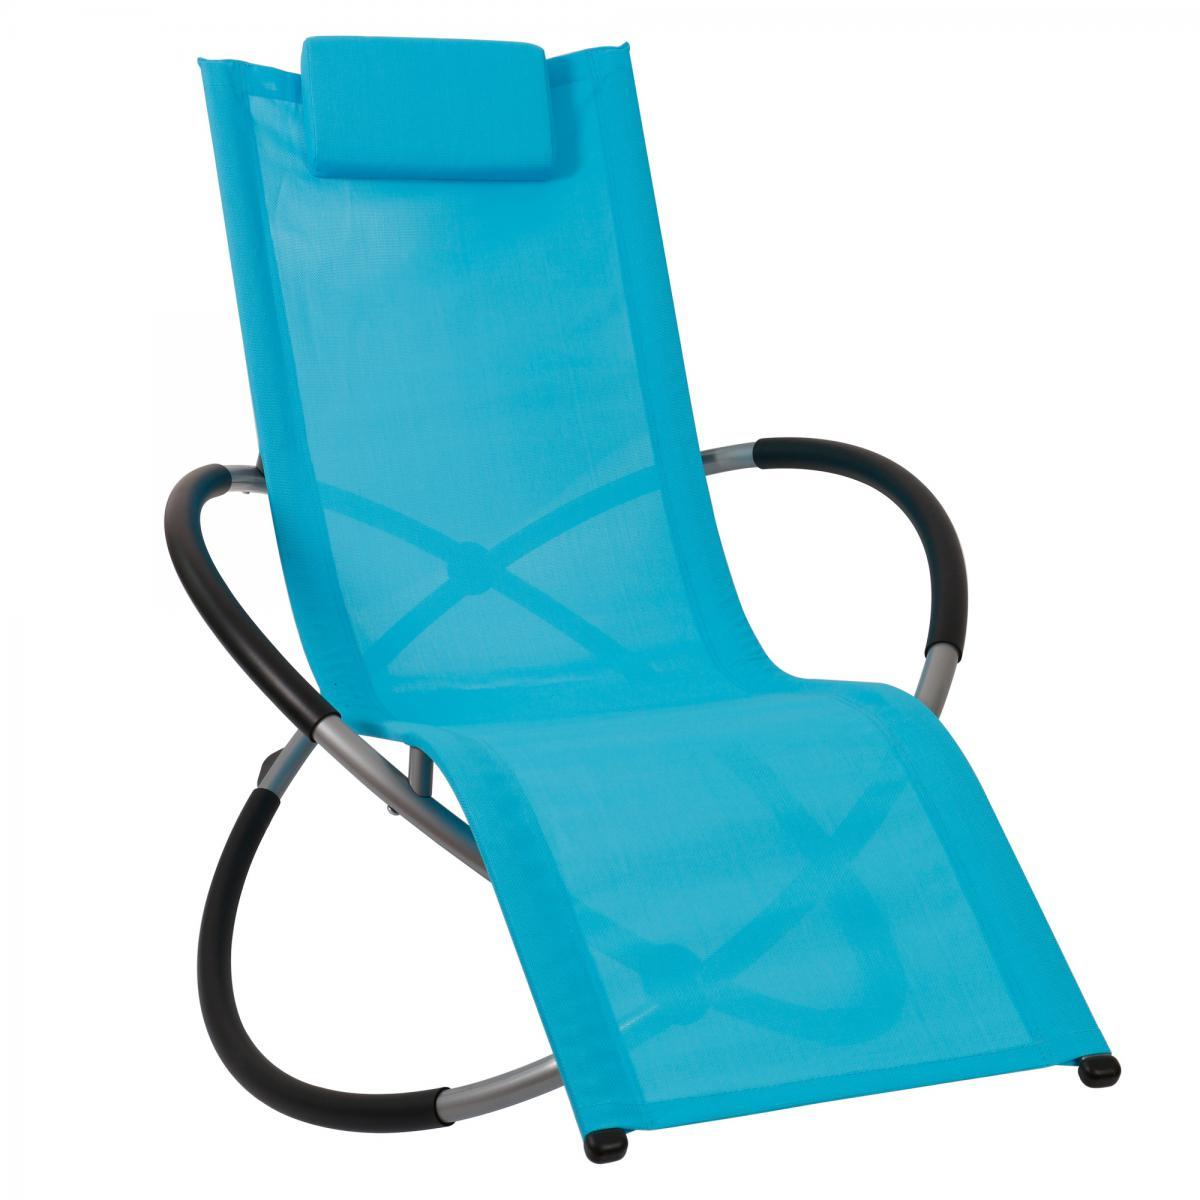 Bcelec HMBL-04-BLUE Chaise longue bleu, relax de jardin, chaise de jardin, rocking chair, résistant aux intempéries, max 180kg